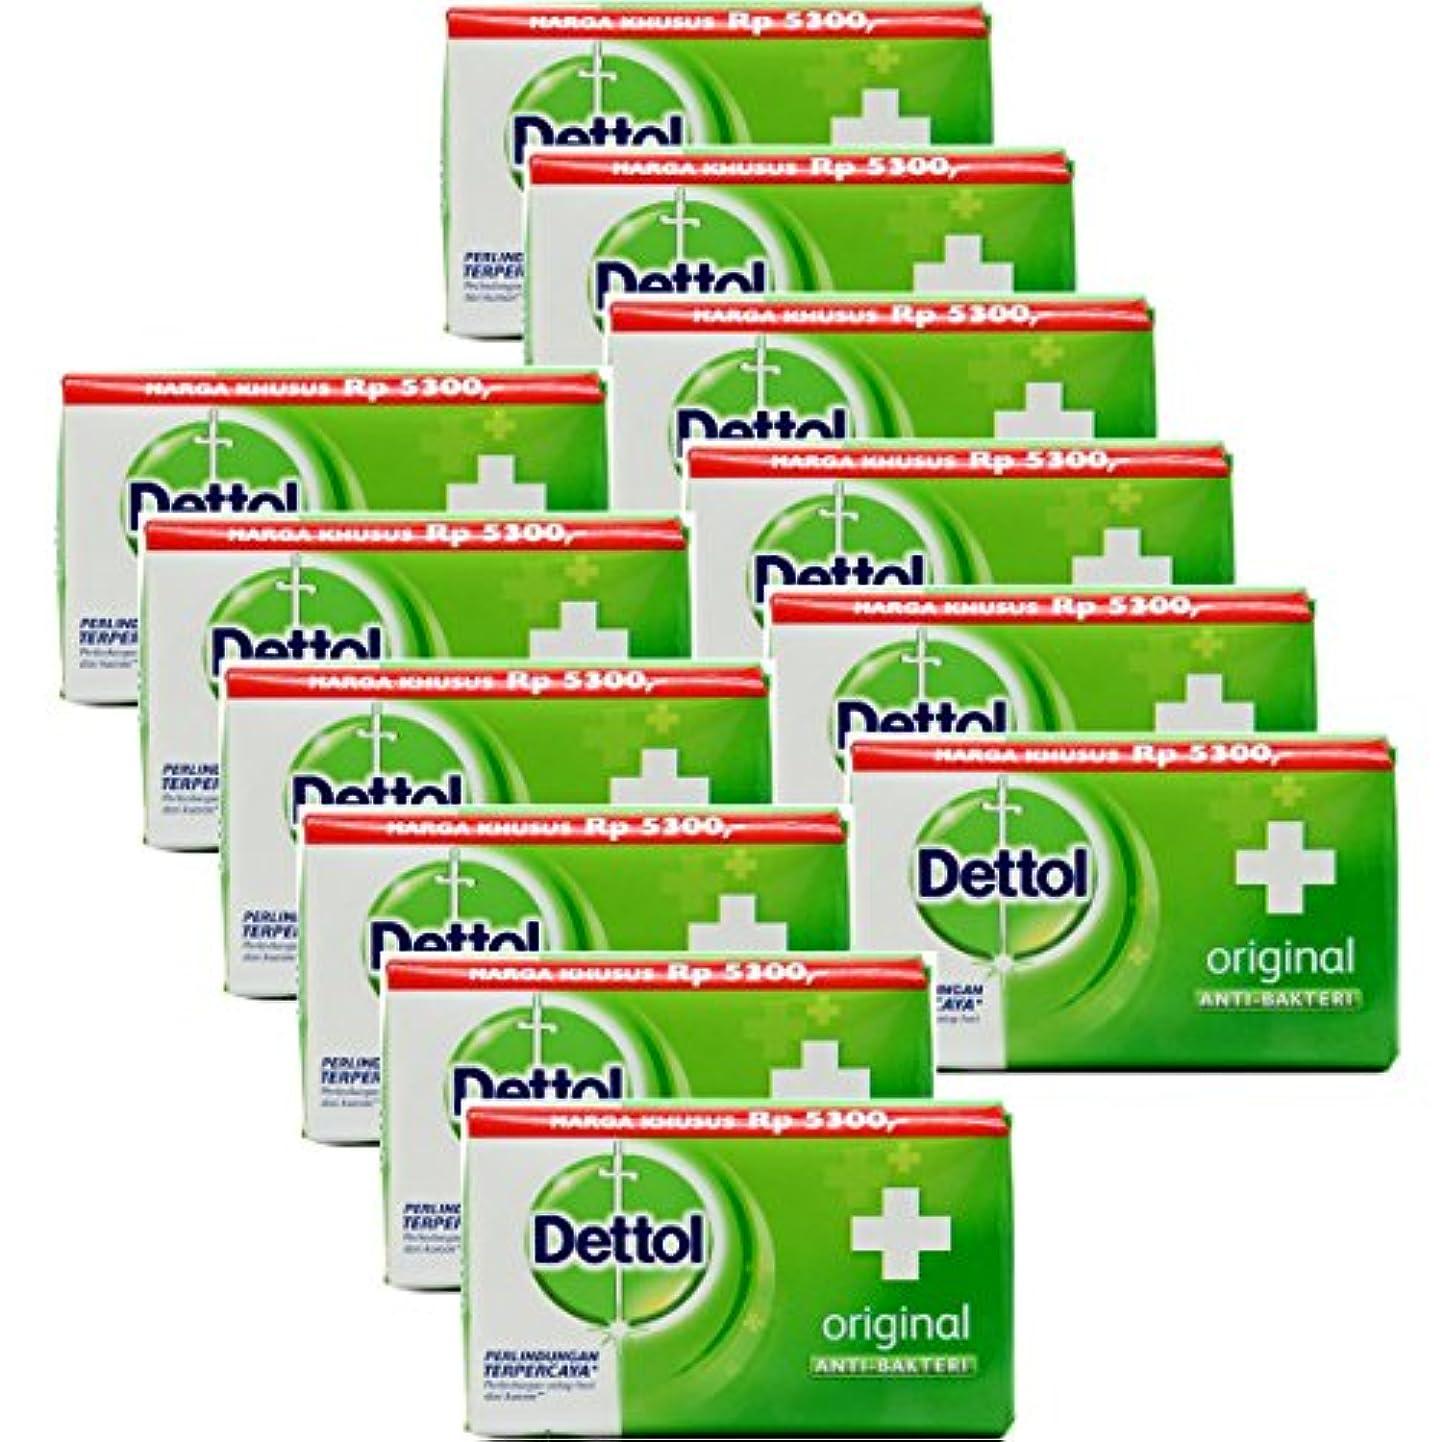 容量完全に乾く気晴らしDettol(デトール) Anti-Bacterial Hand and Body Bar Soap, Original, 110 Gr / 3.88 Oz (12個セット)